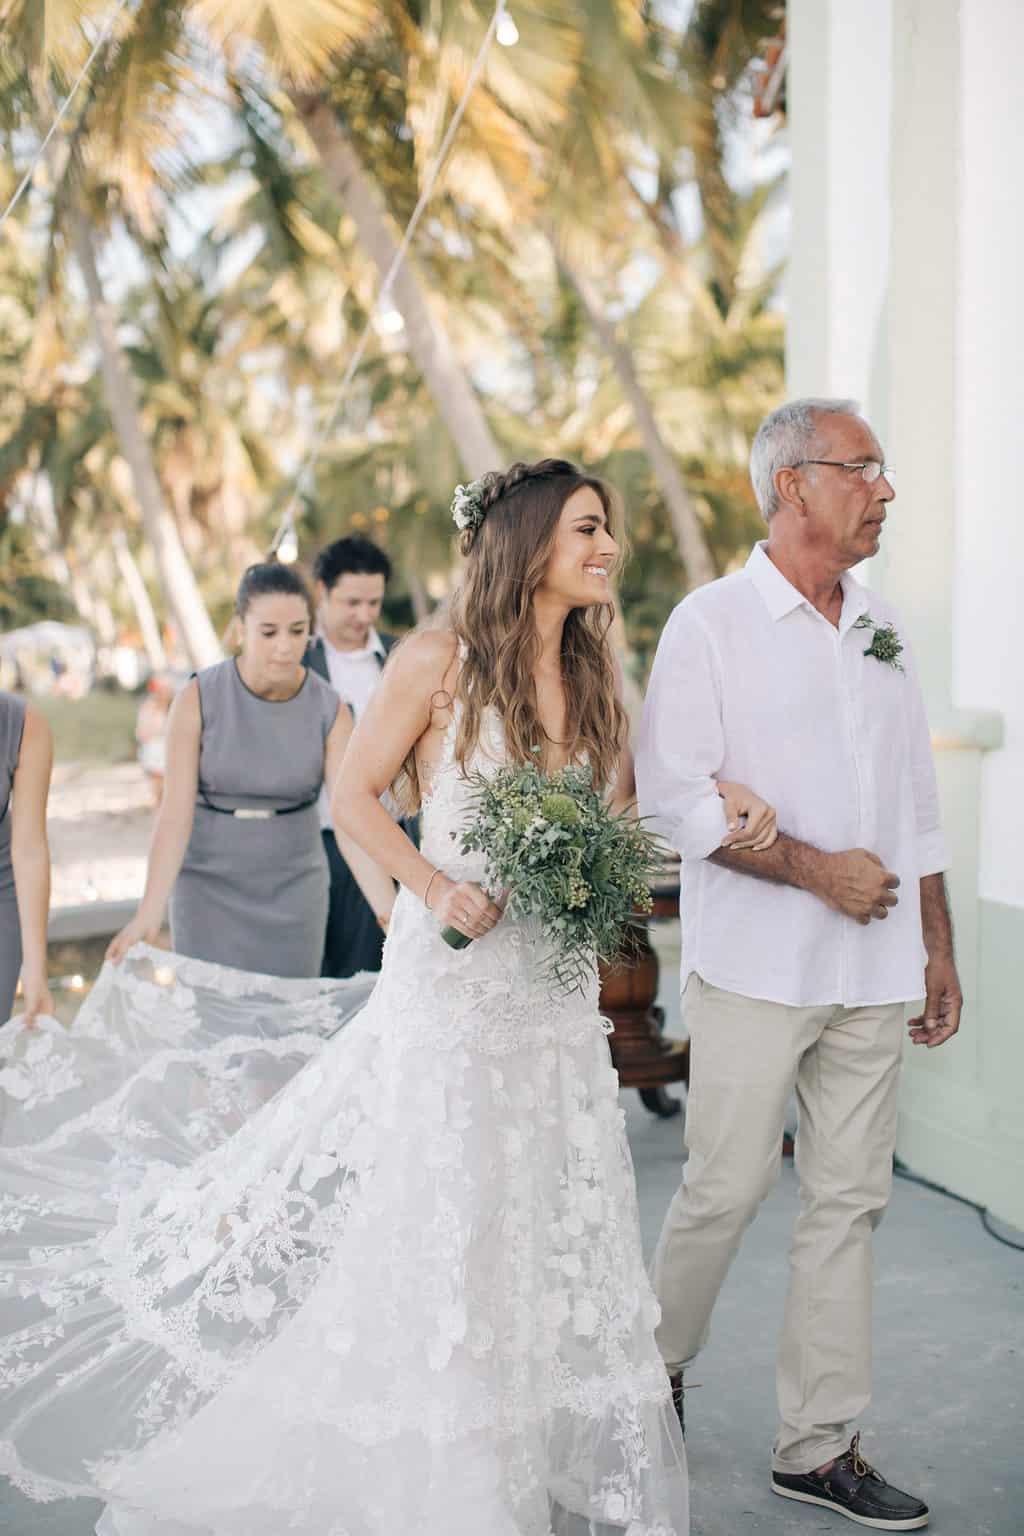 casamento-Danielle-e-Guilherme-aloha-fotografia-caseme-80